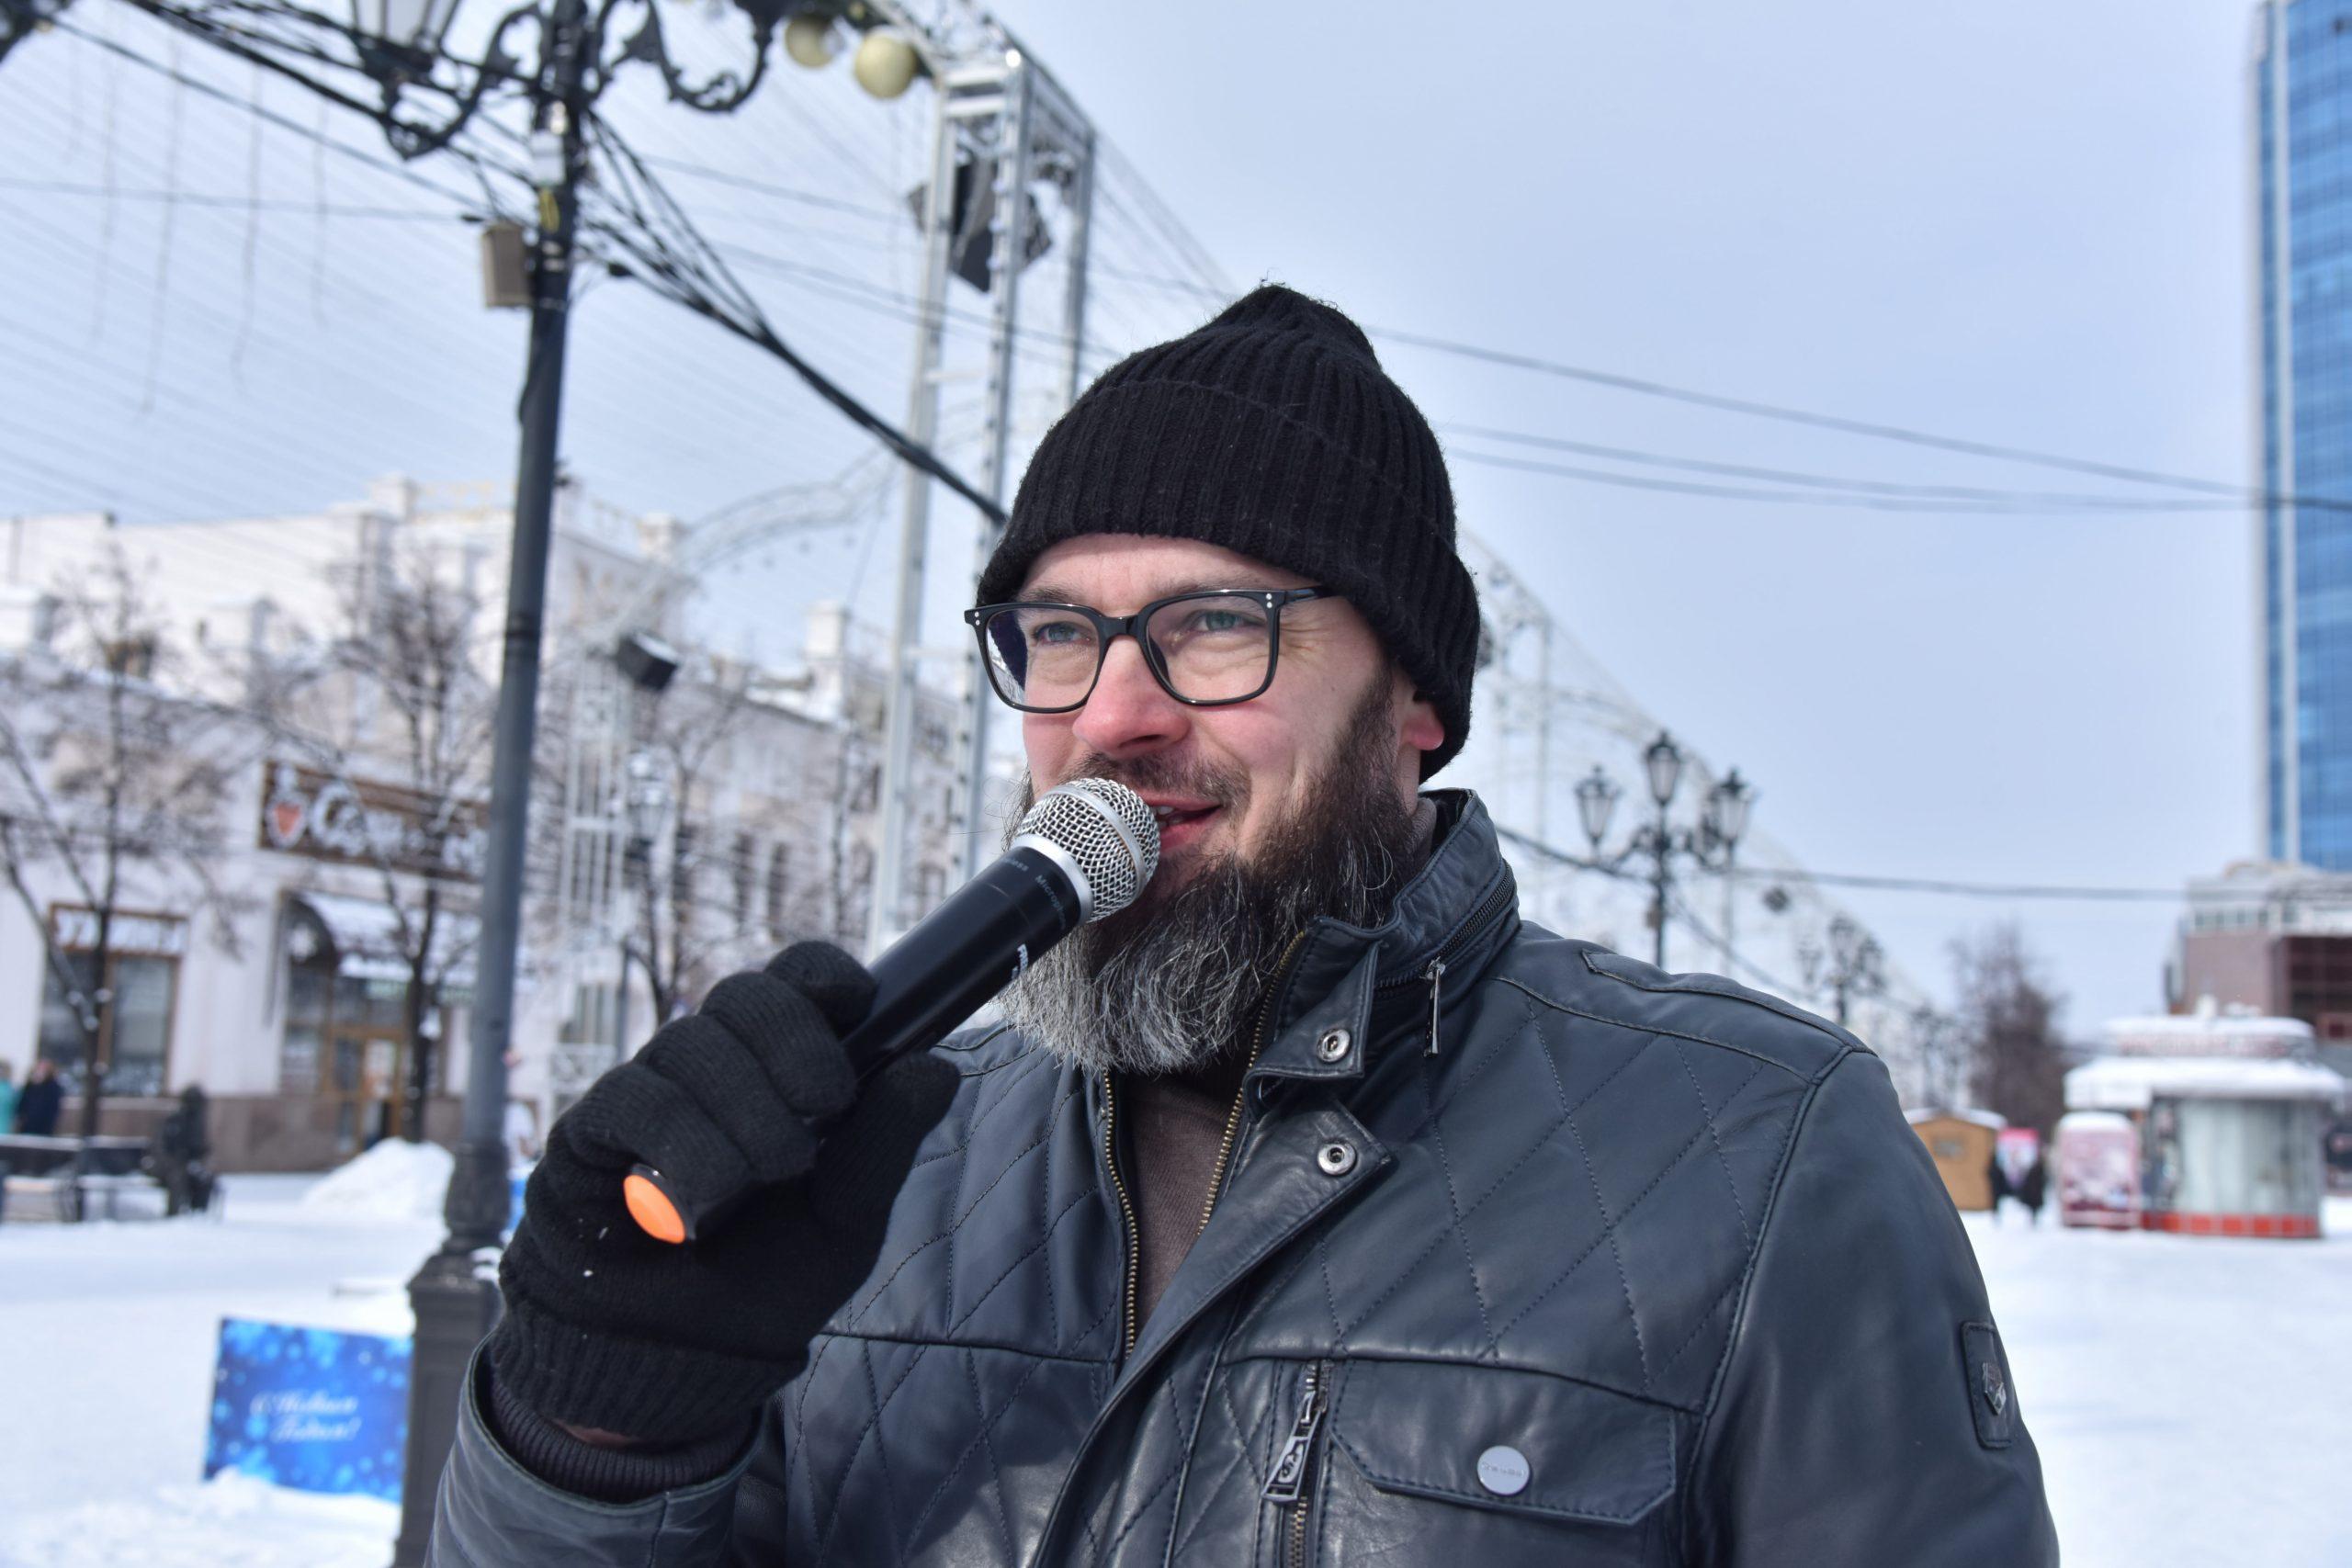 Жительниц Челябинска наКировке поздравляют с8Марта гвардейцы Петра Великого